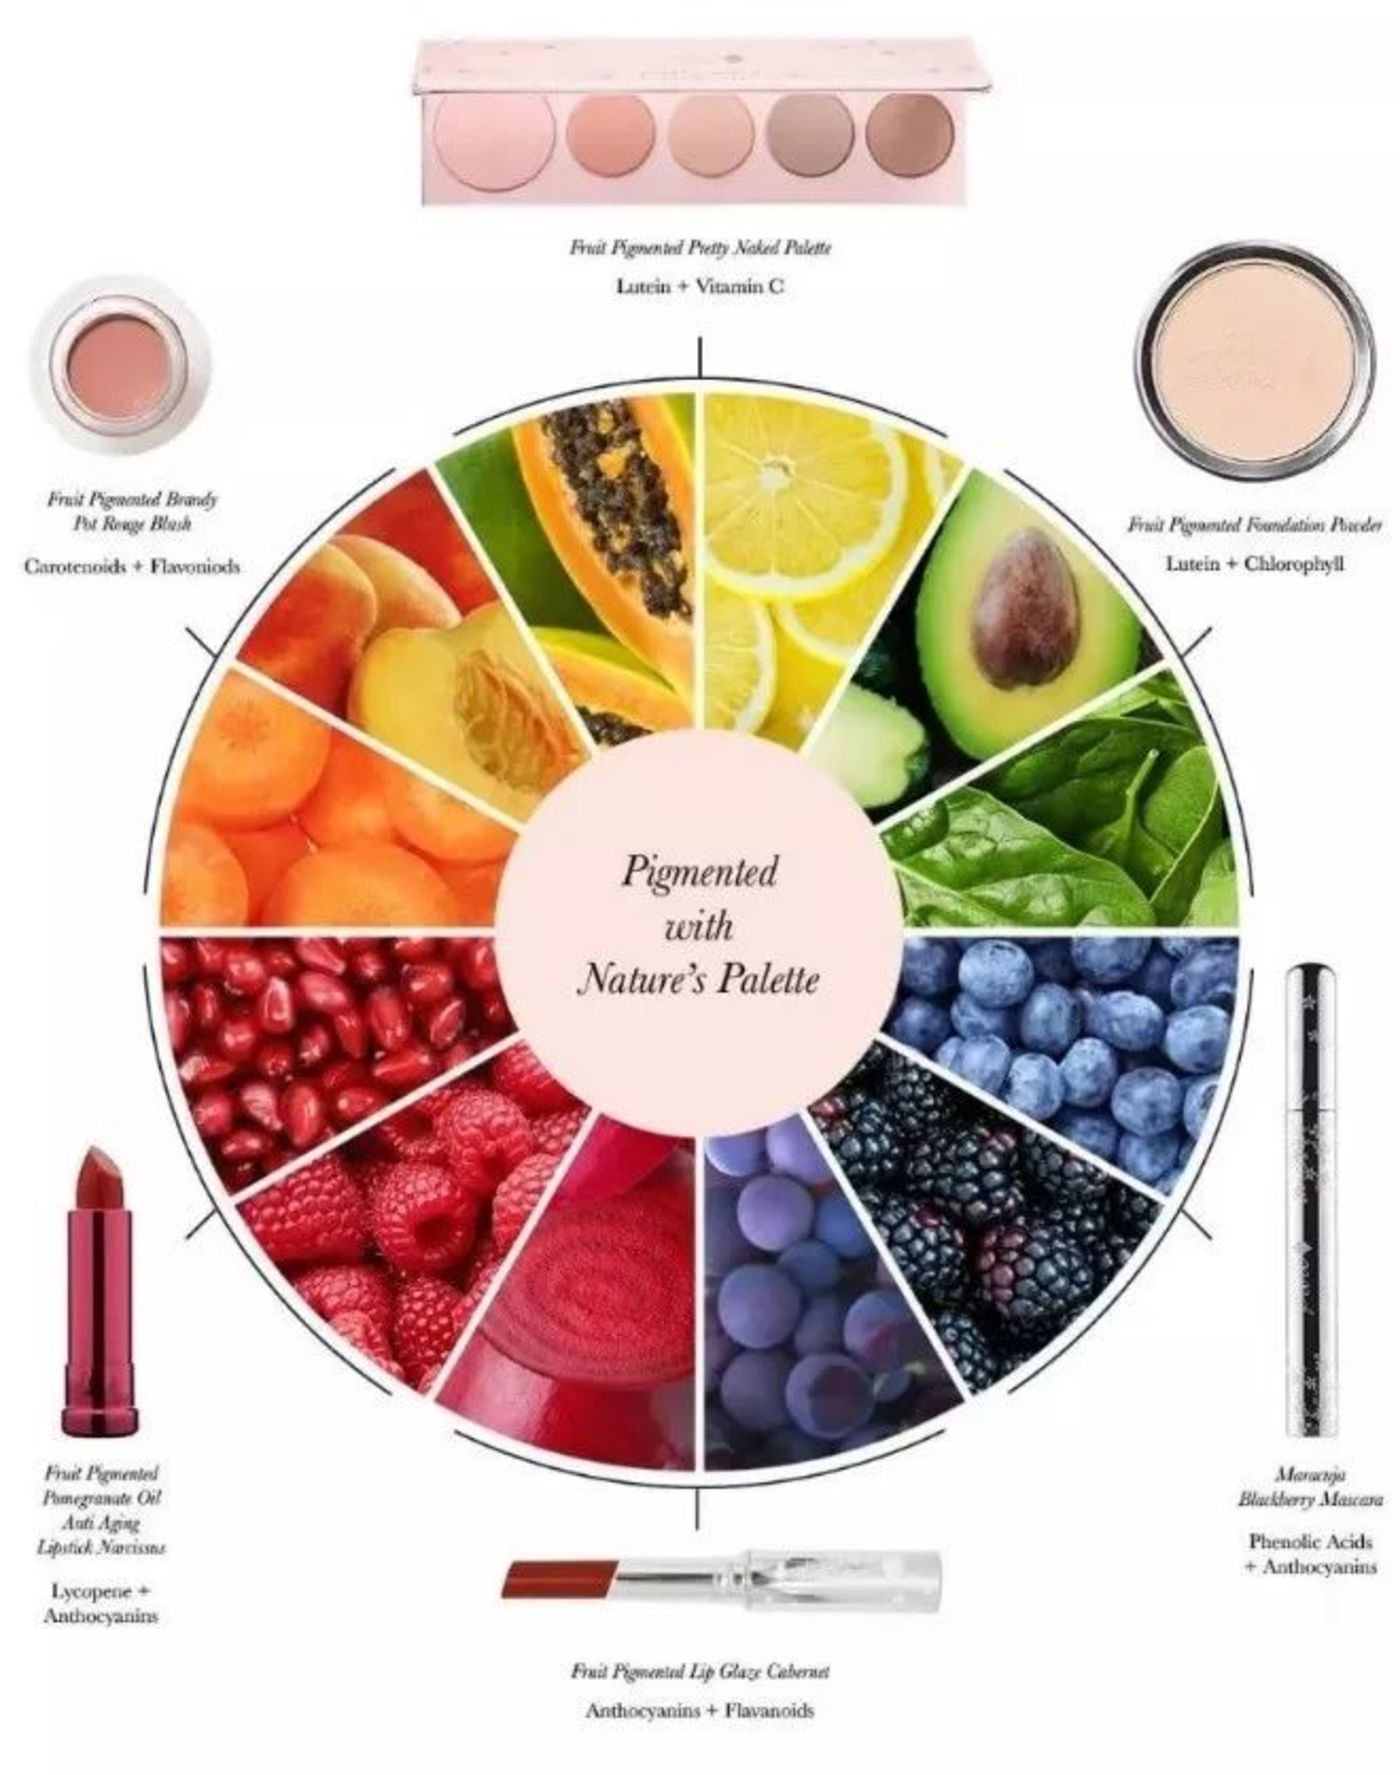 超级水果,美妆品牌的下一个风口?插图26